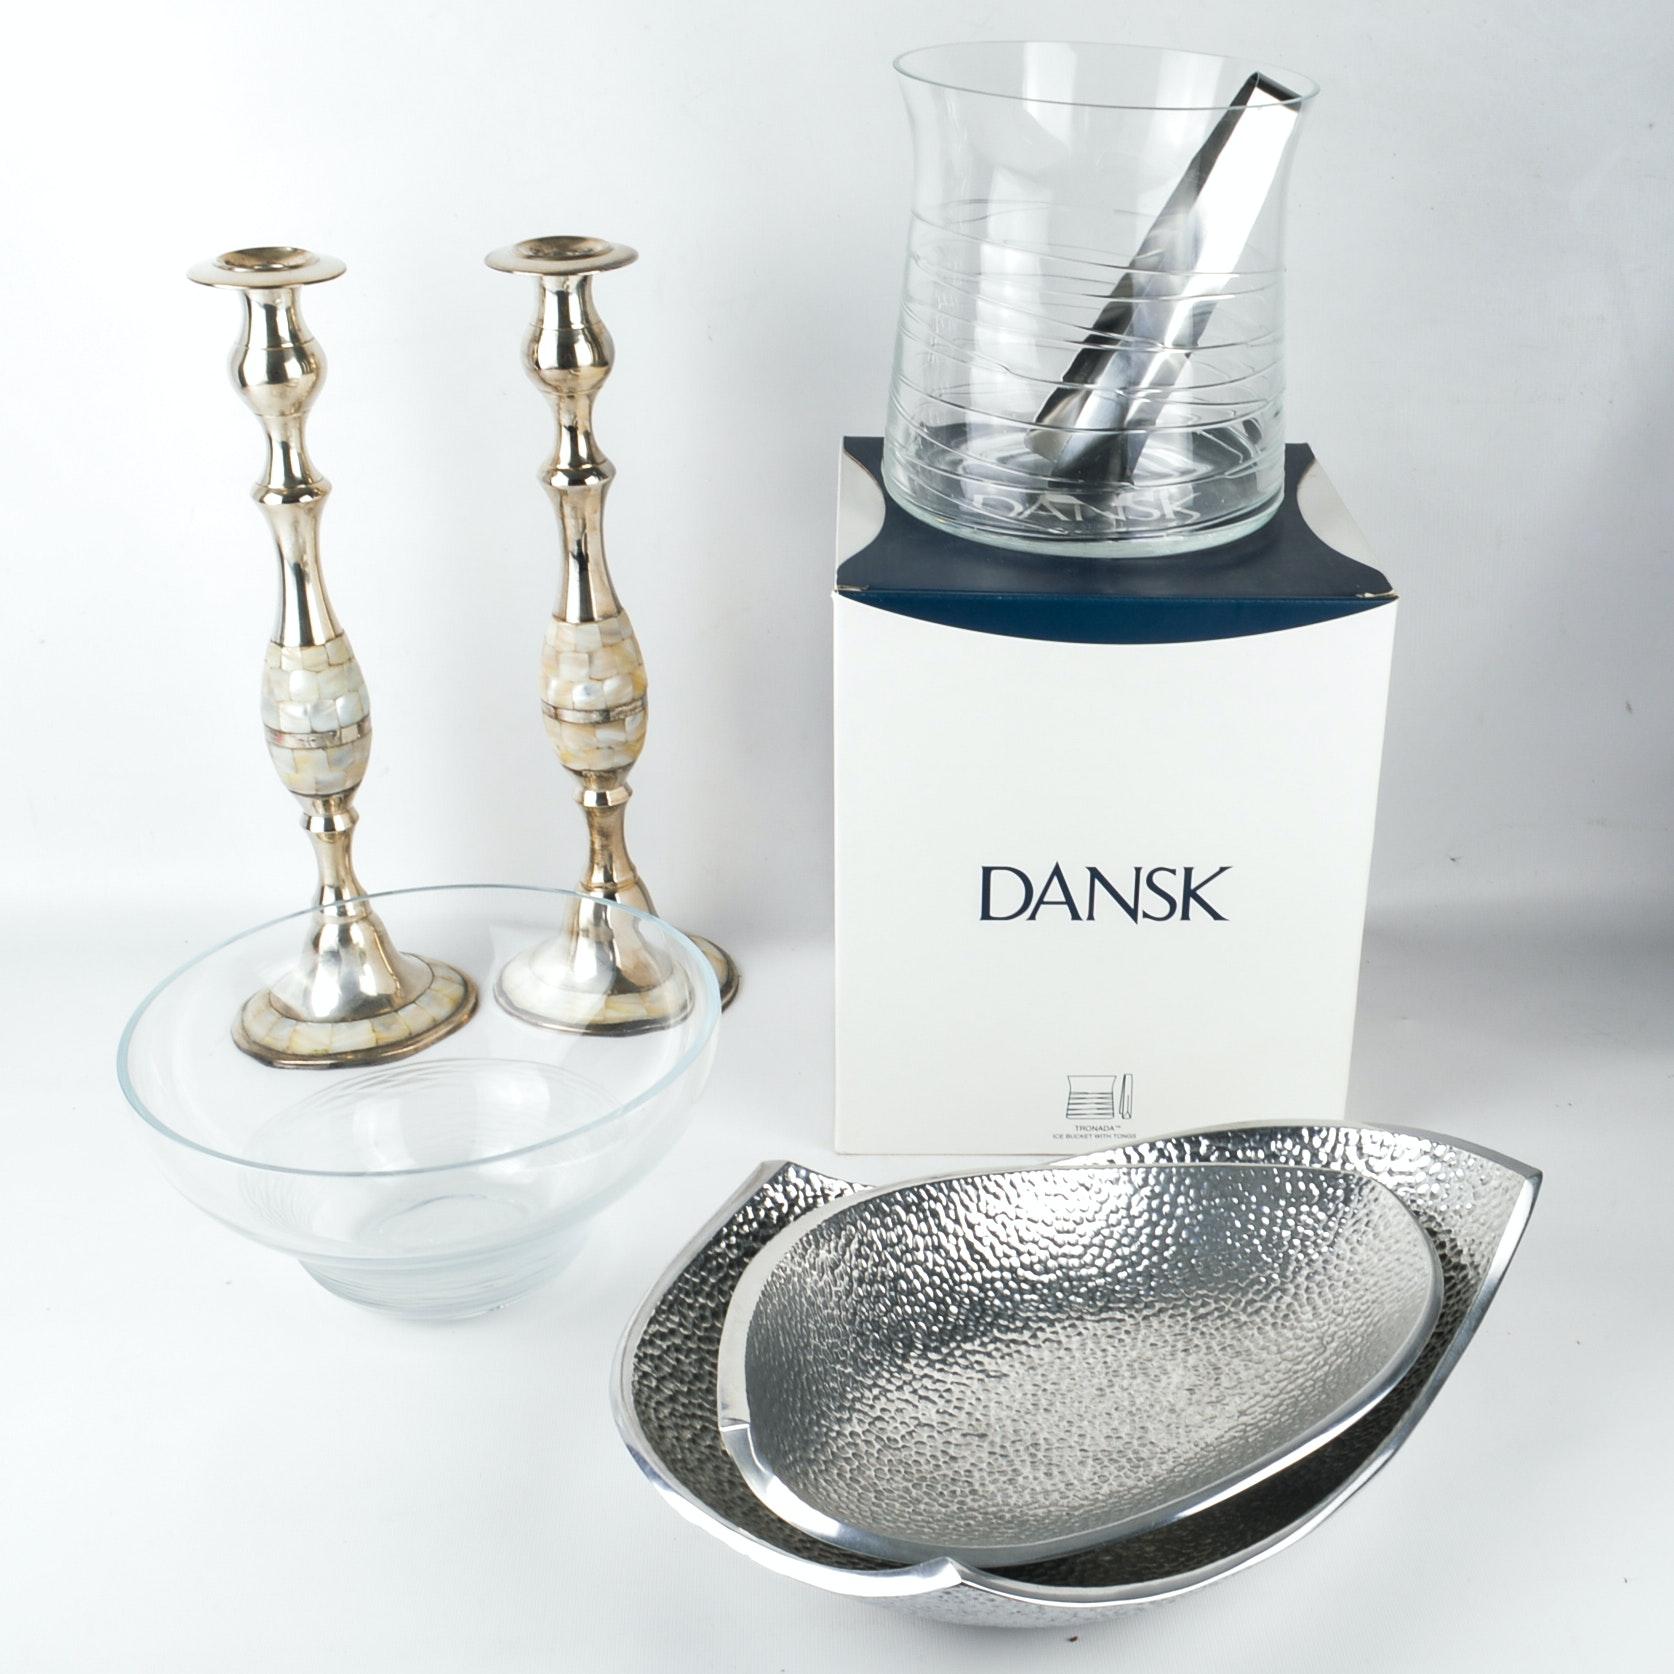 Dansk Glass and Metal Tableware